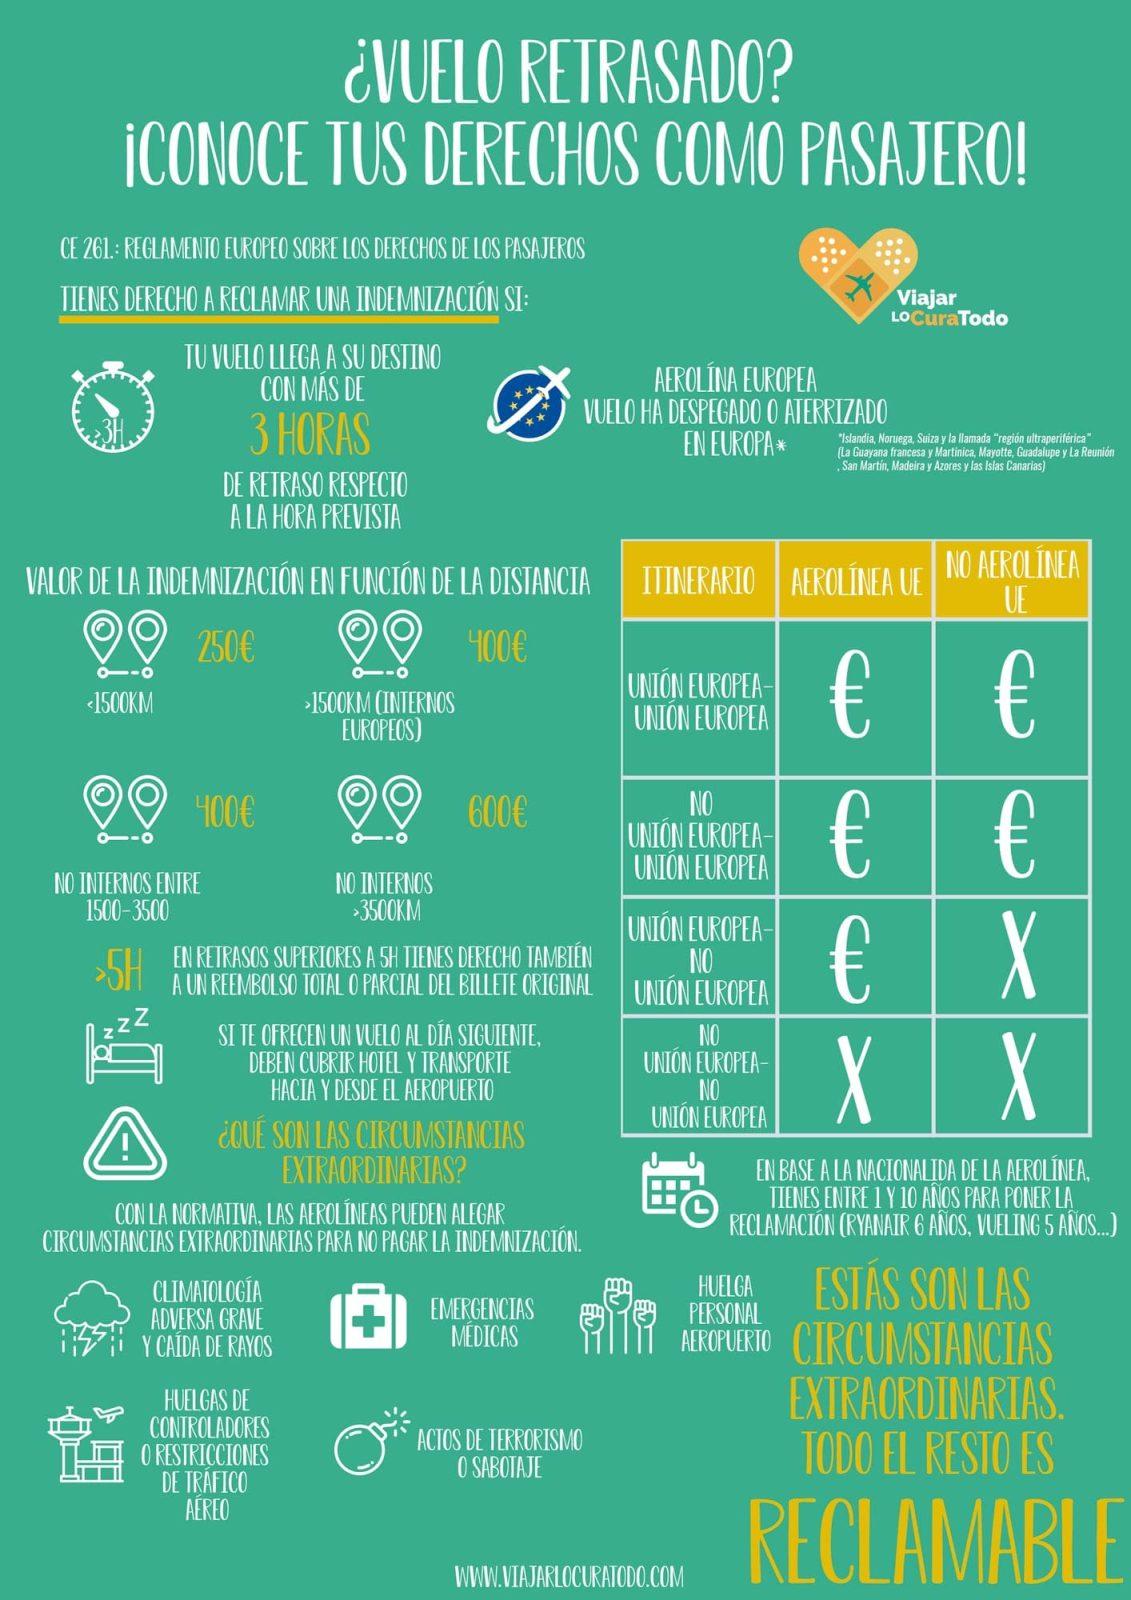 Infografía con los derechos en caso de retraso de vuelo